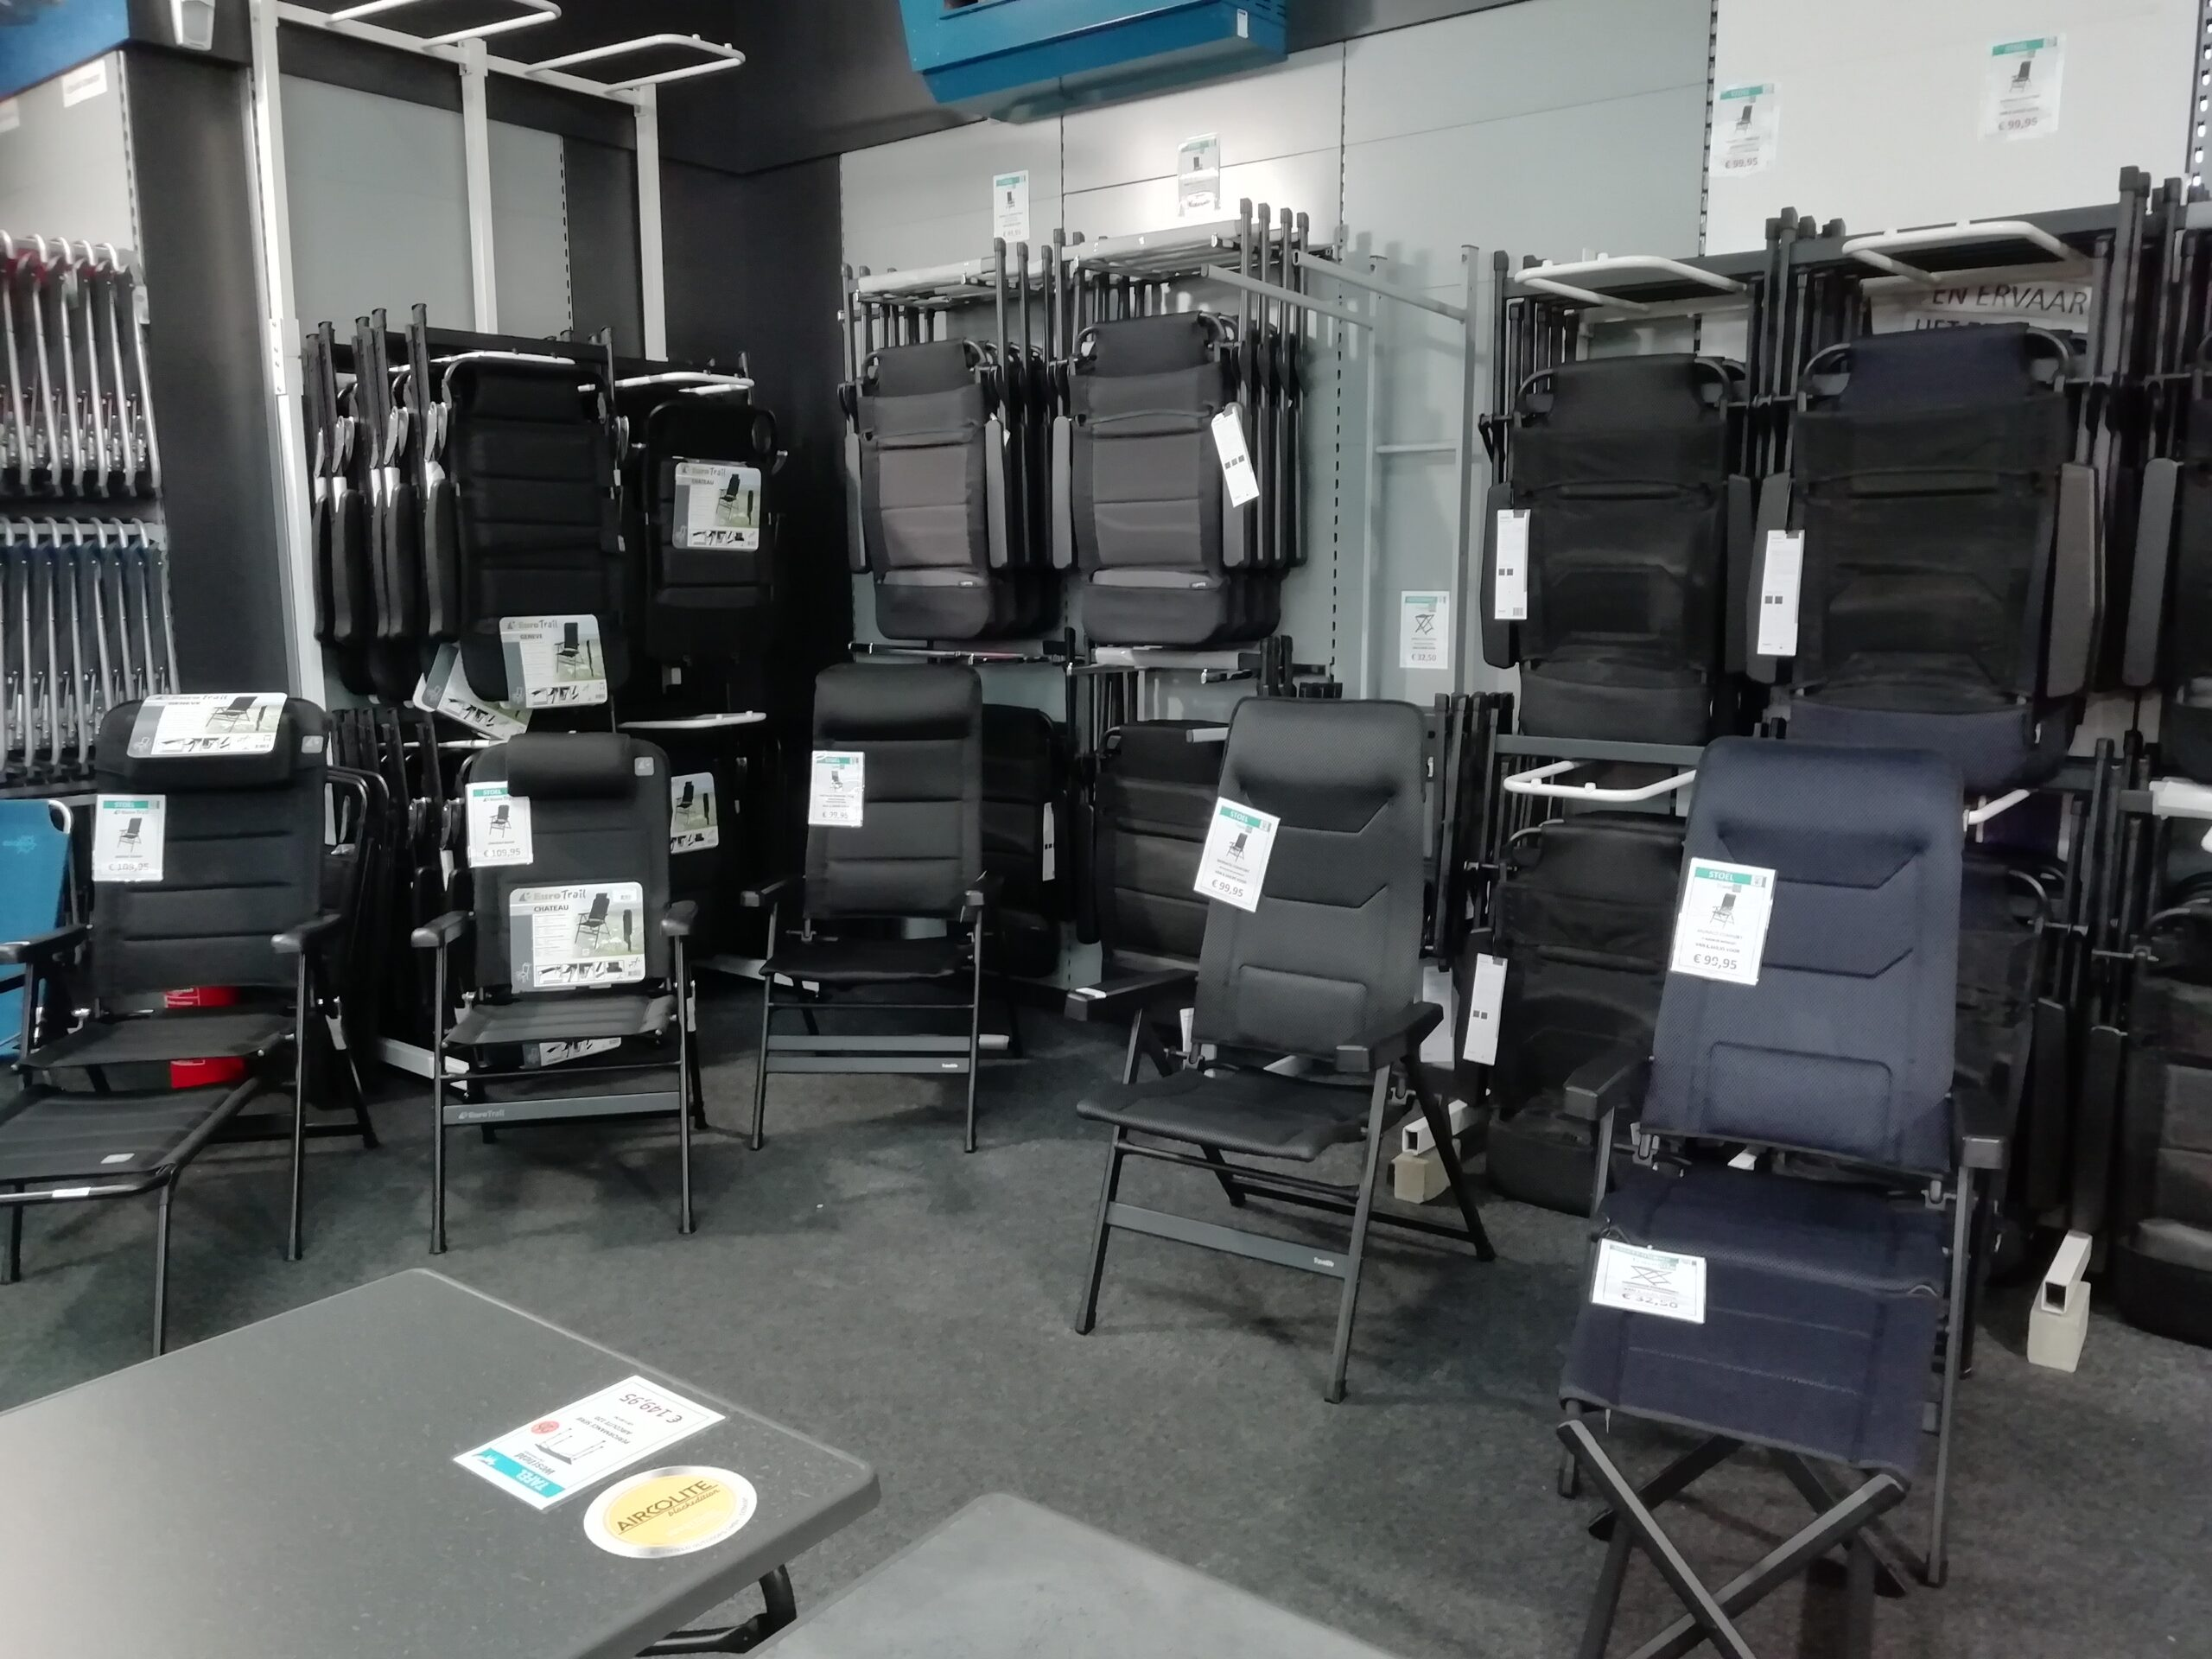 Travellife, travellife campingstoel, travellife campingstoelen, De Vossenhoek, kampeerwinkel, campingshop, Rucphen